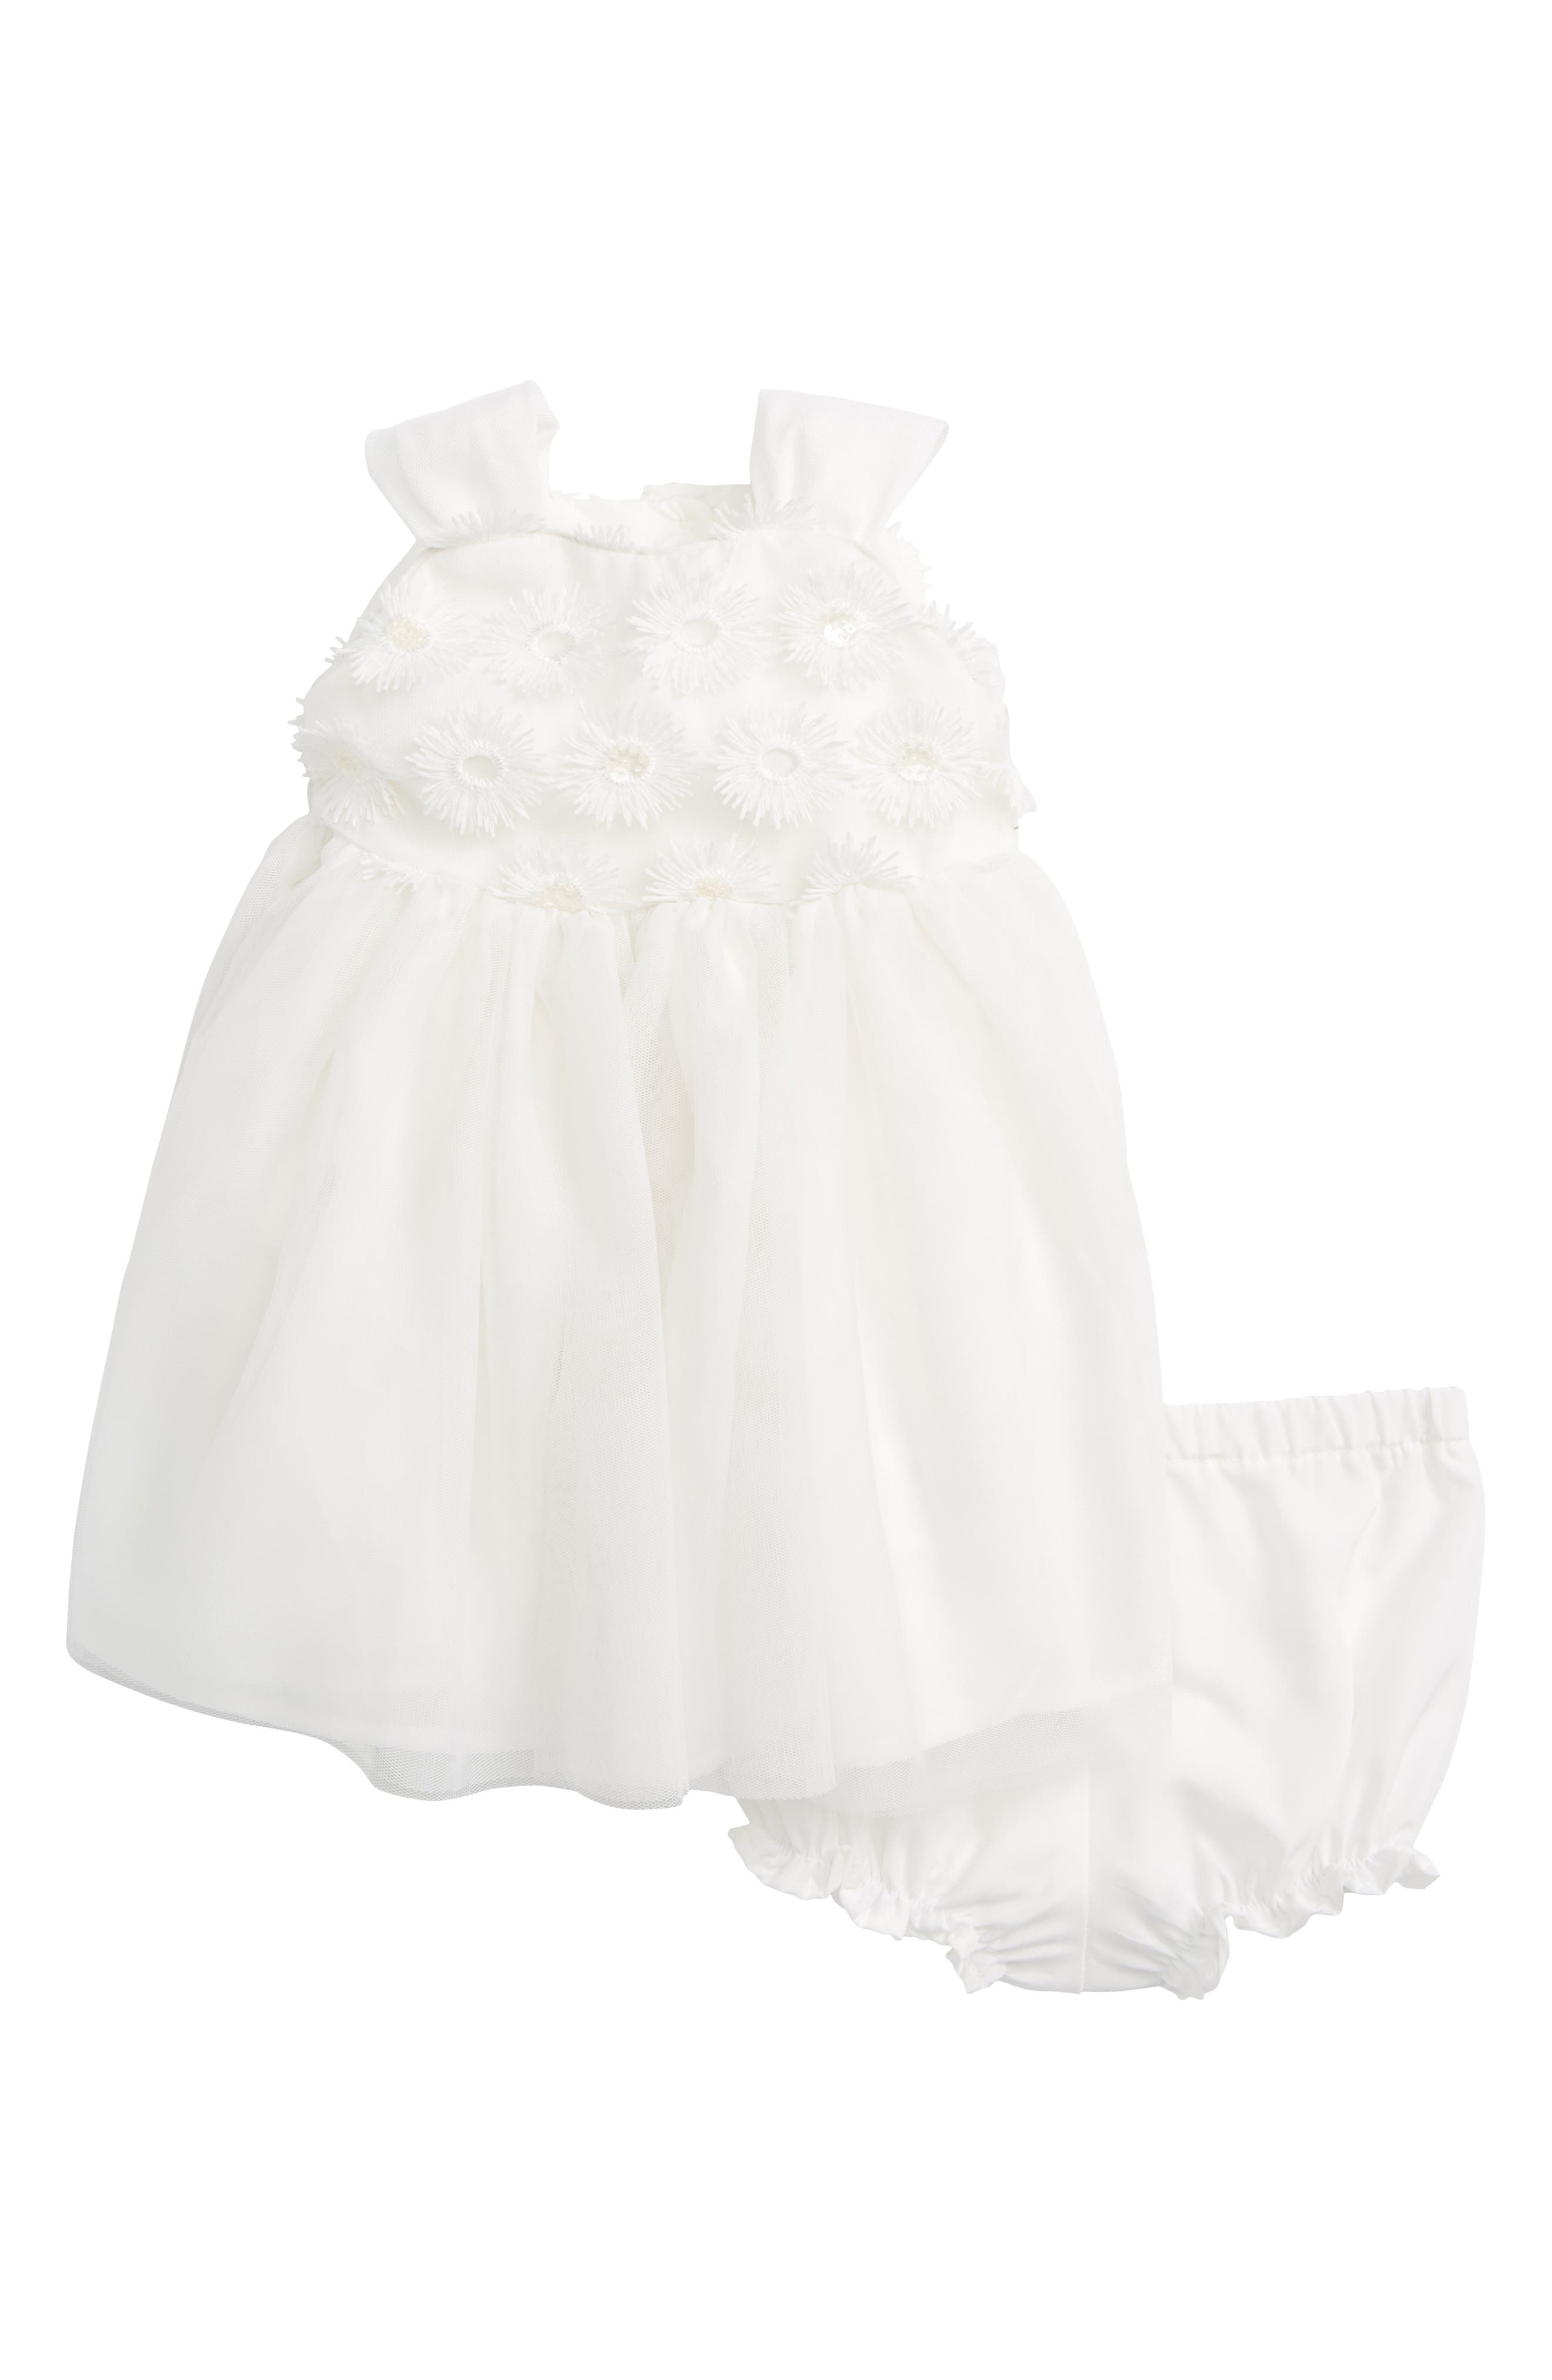 Daisy Sleeveless Dress,                             Main thumbnail 1, color,                             100